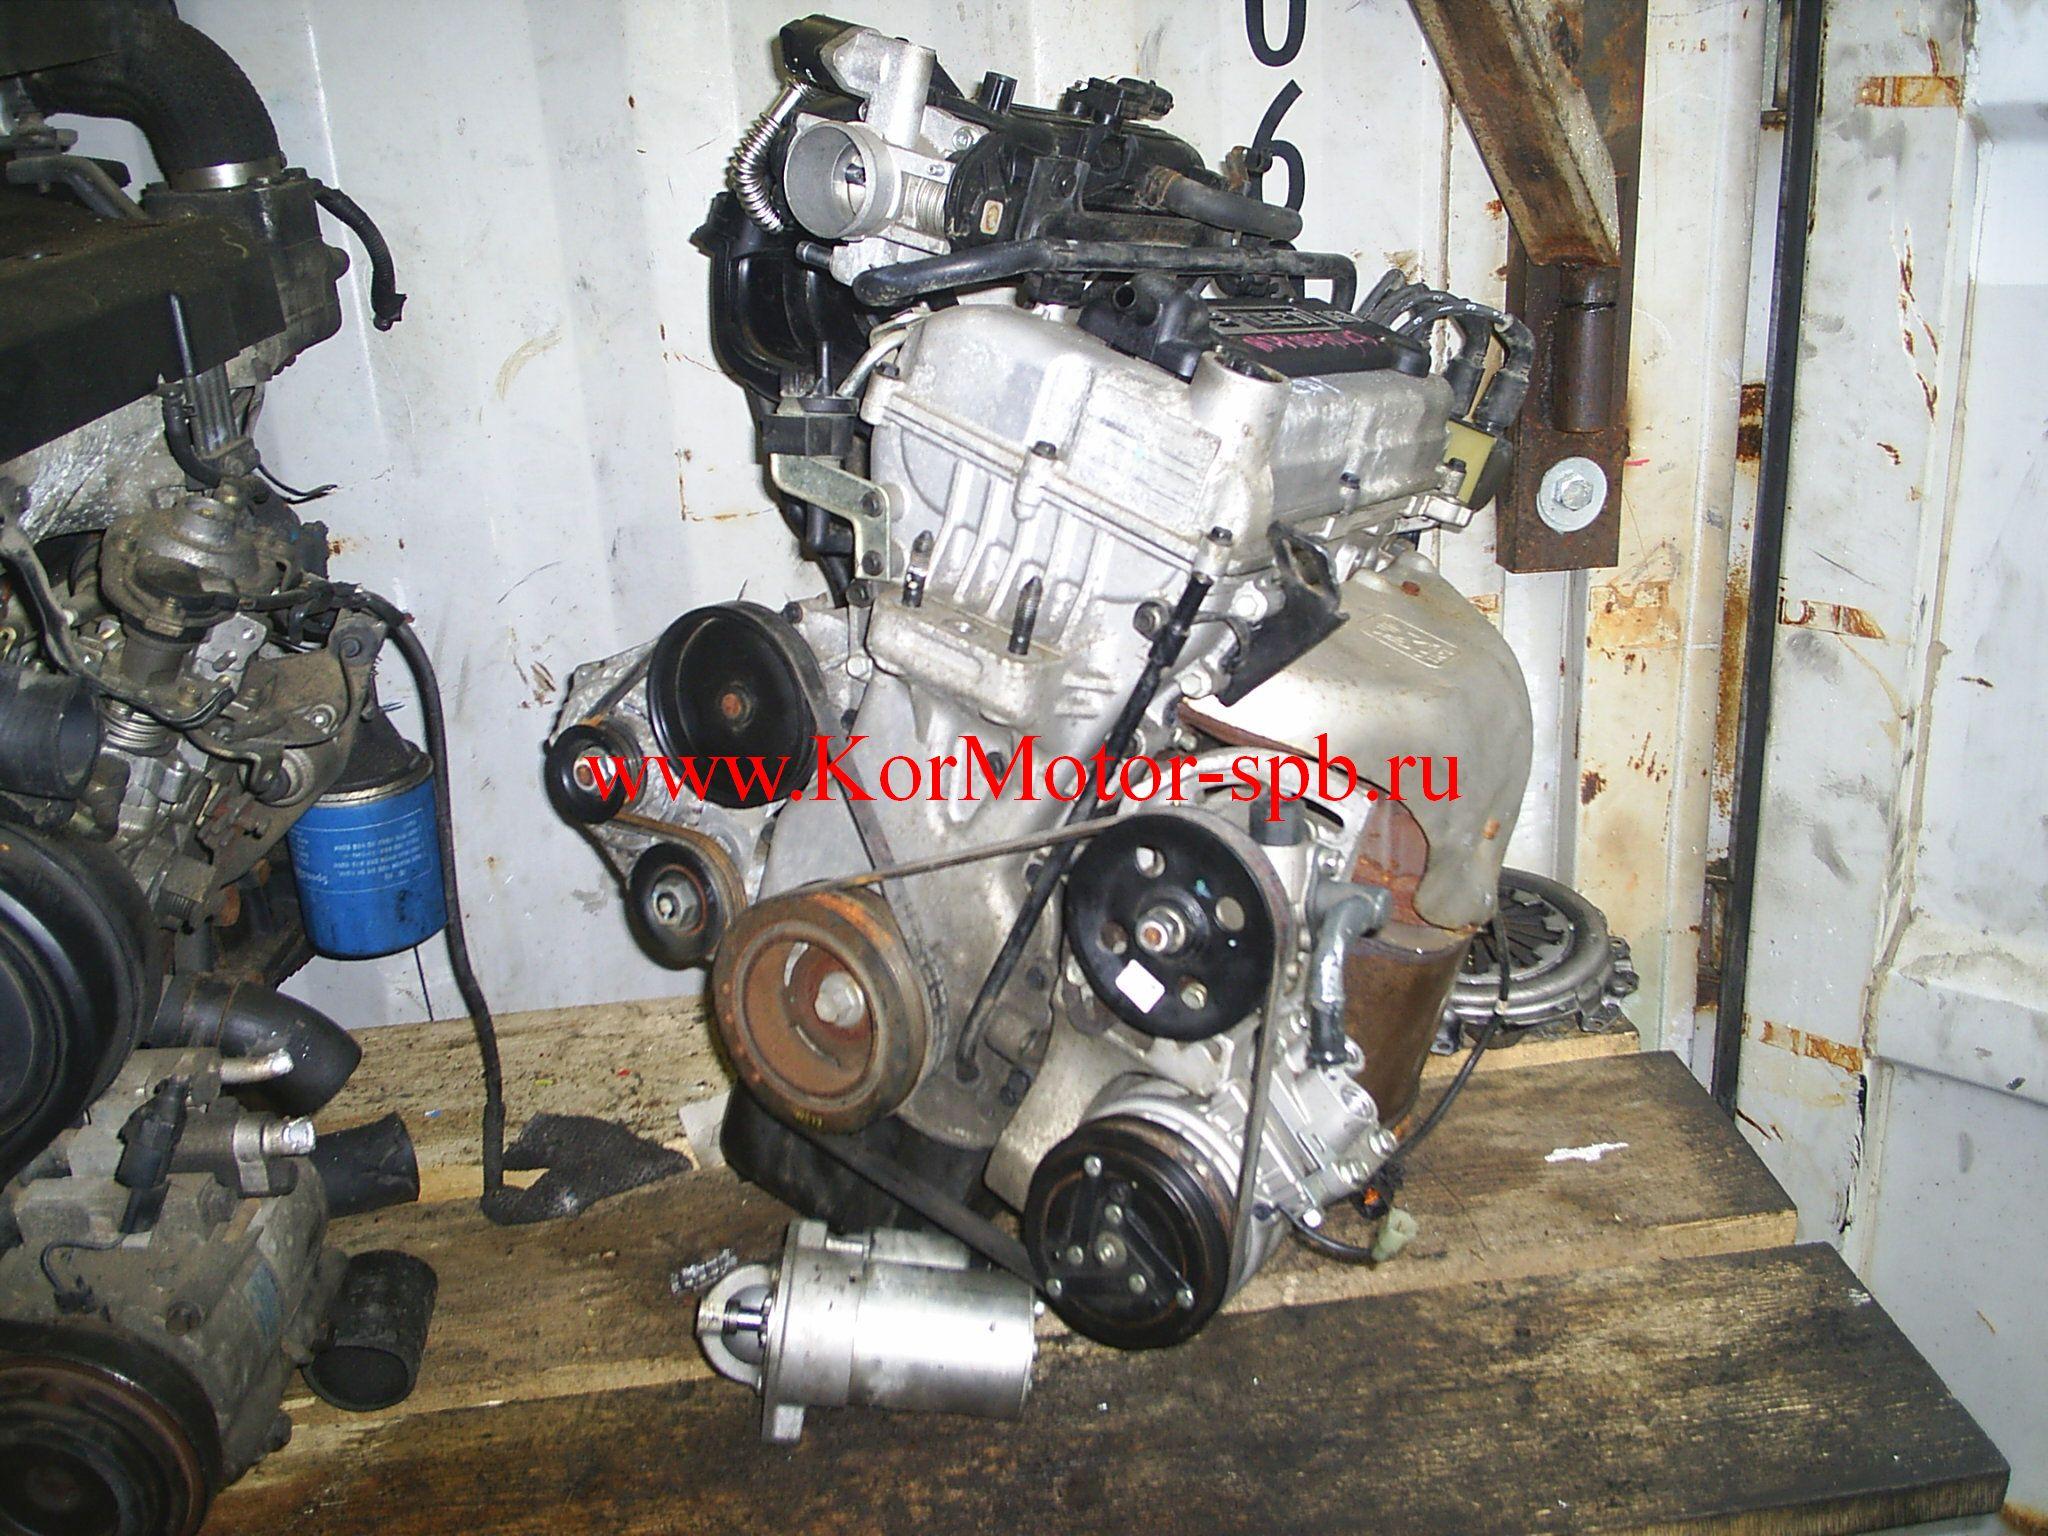 Купить двигатель Шевроле Авео 1.2 B12D1